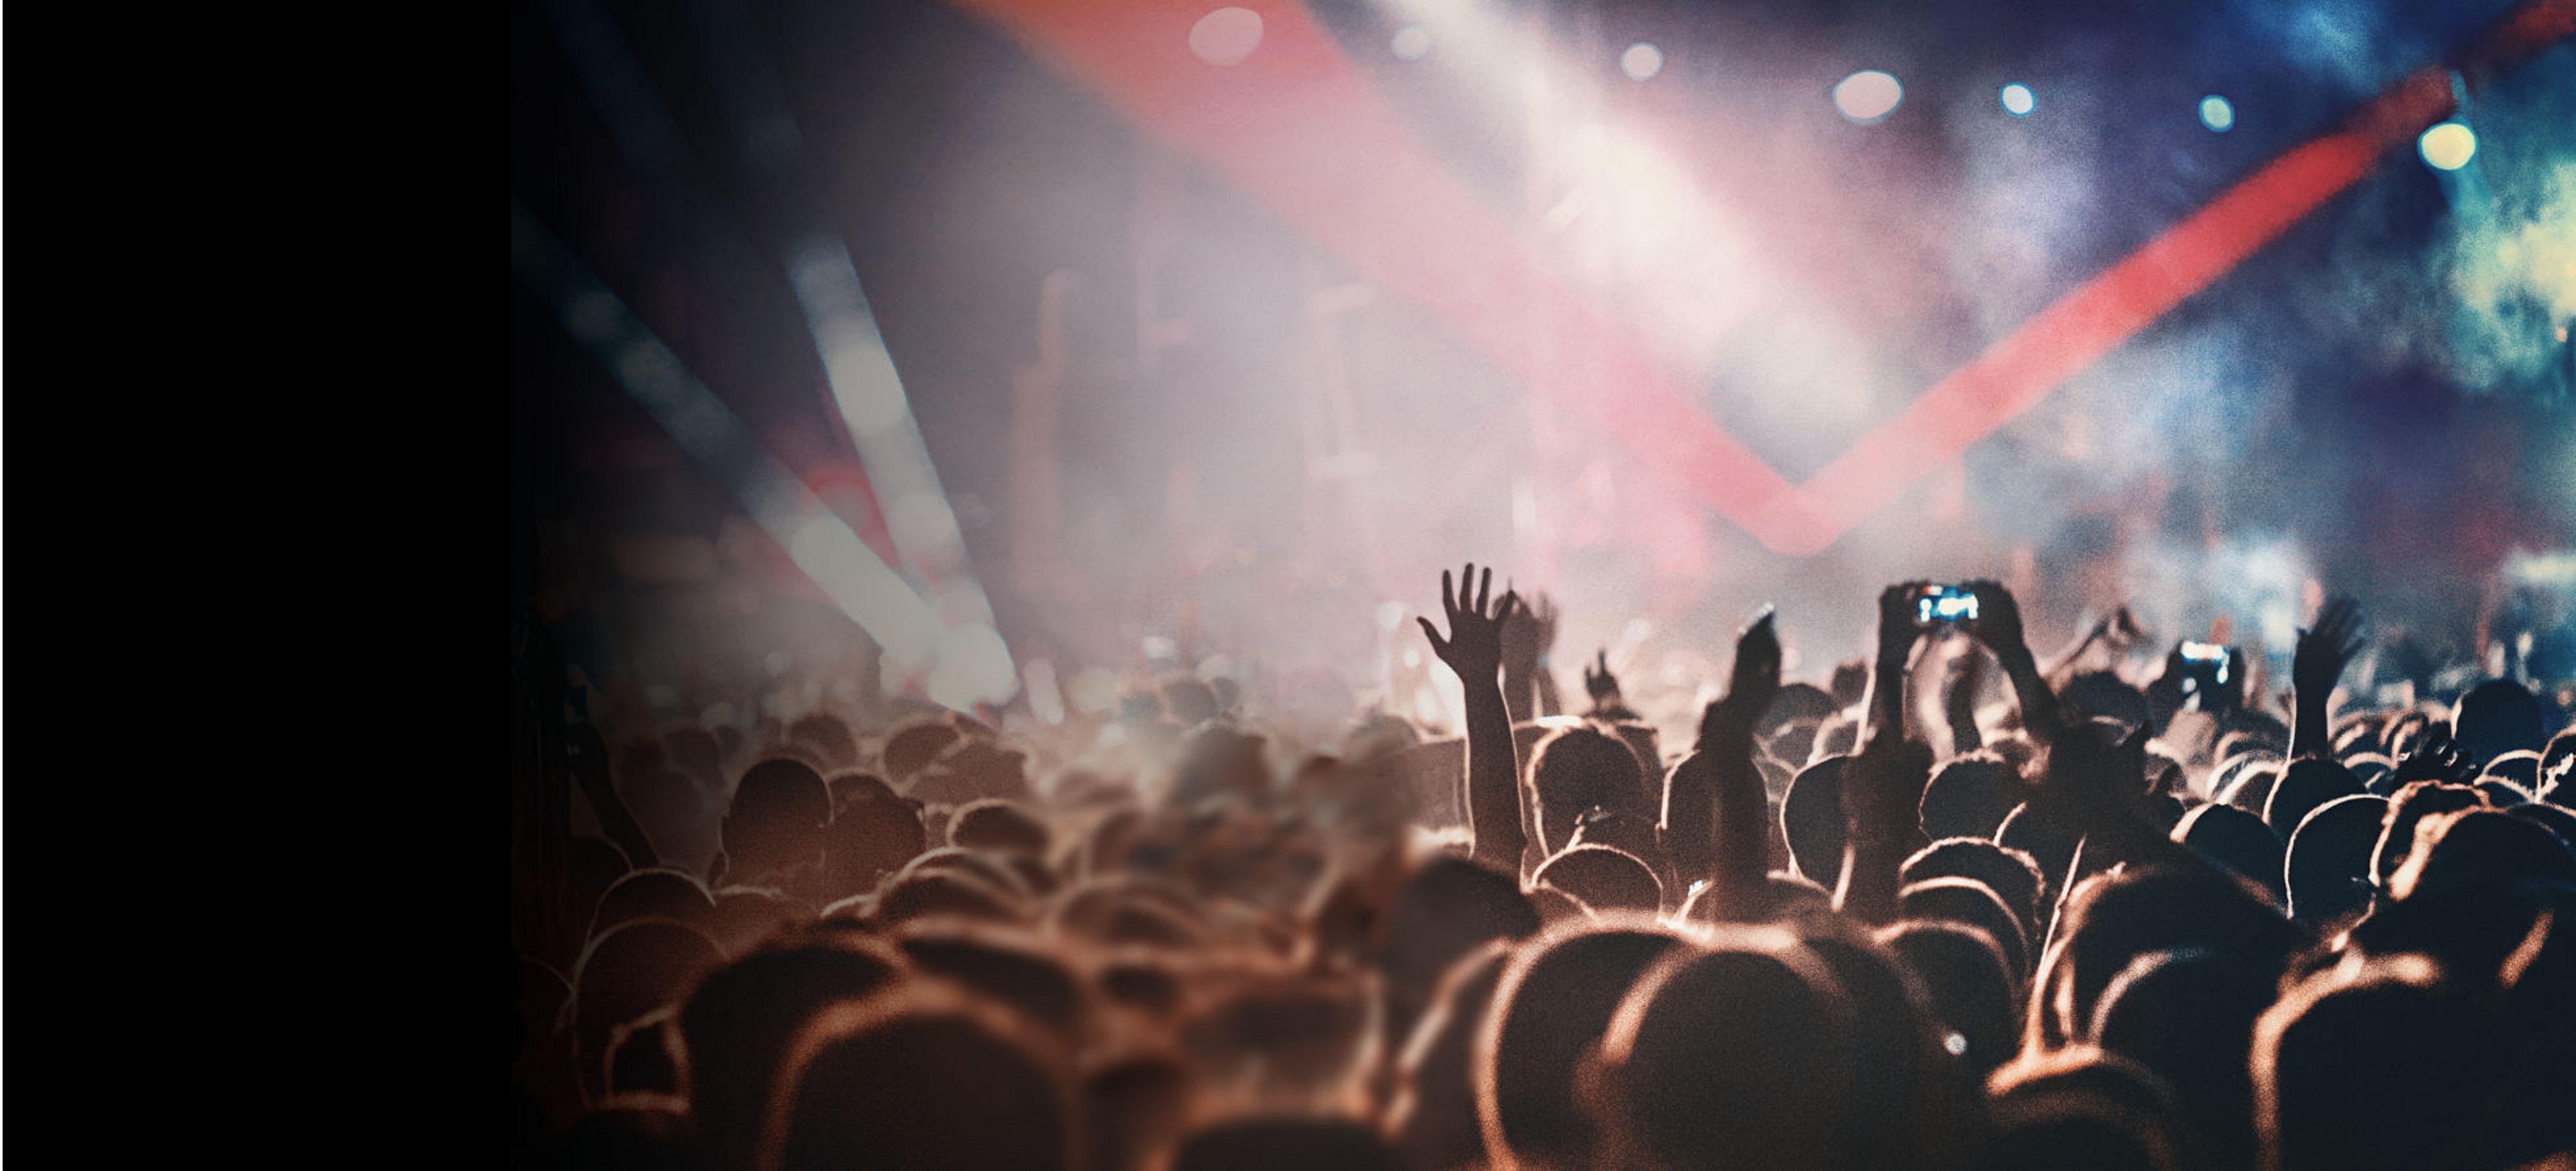 Multitud en el concierto